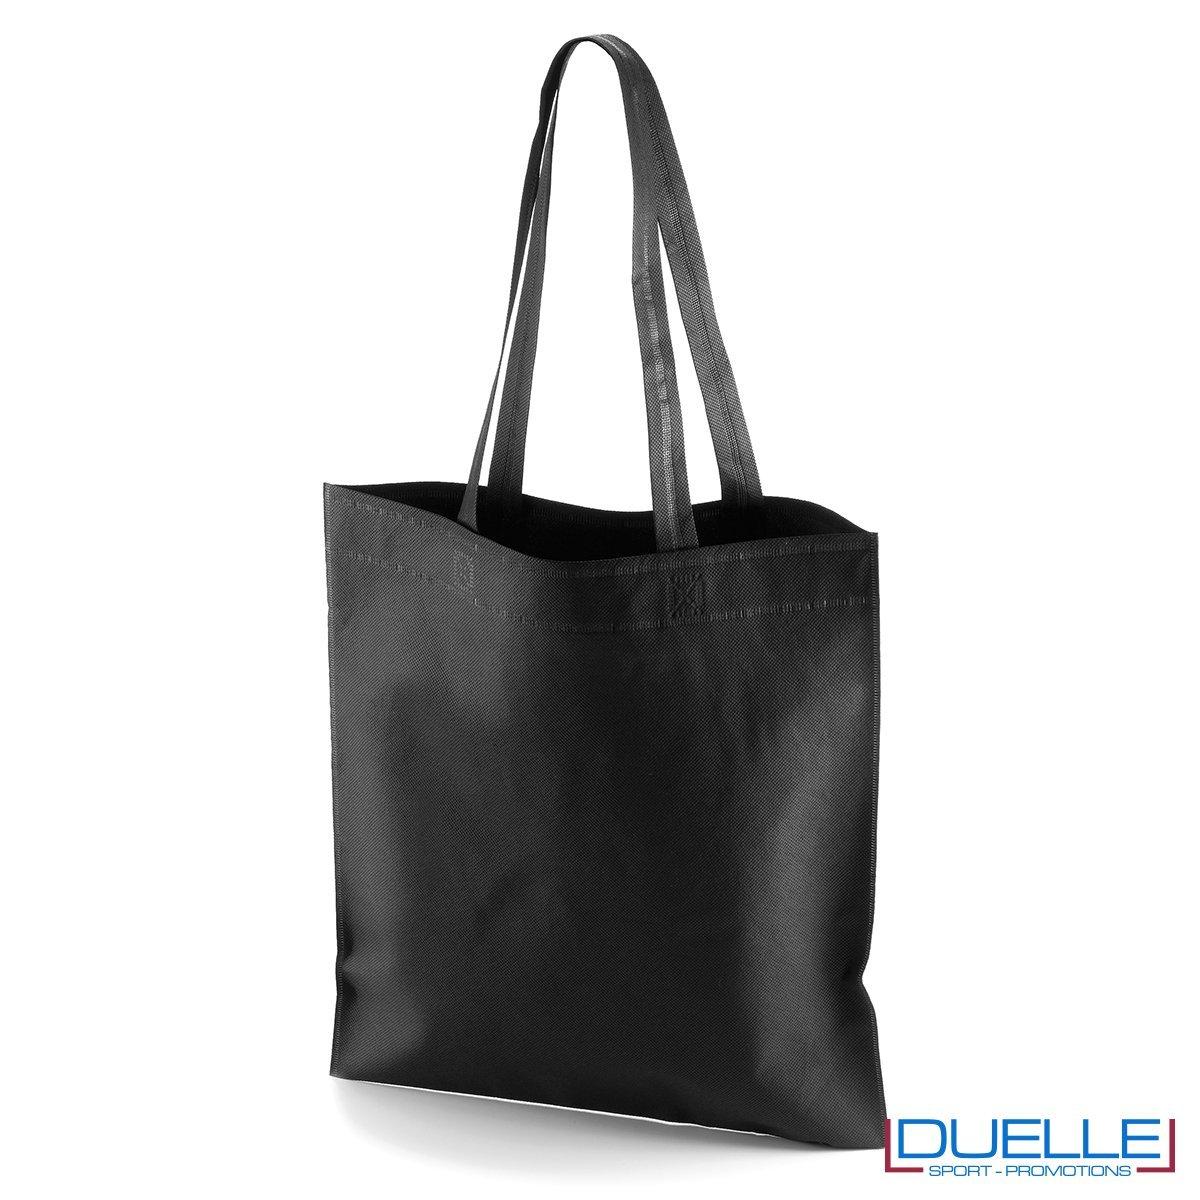 borsa shooper personalizzata in tnt termosaldato nero, offerta borse promozionali in tnt economiche nere